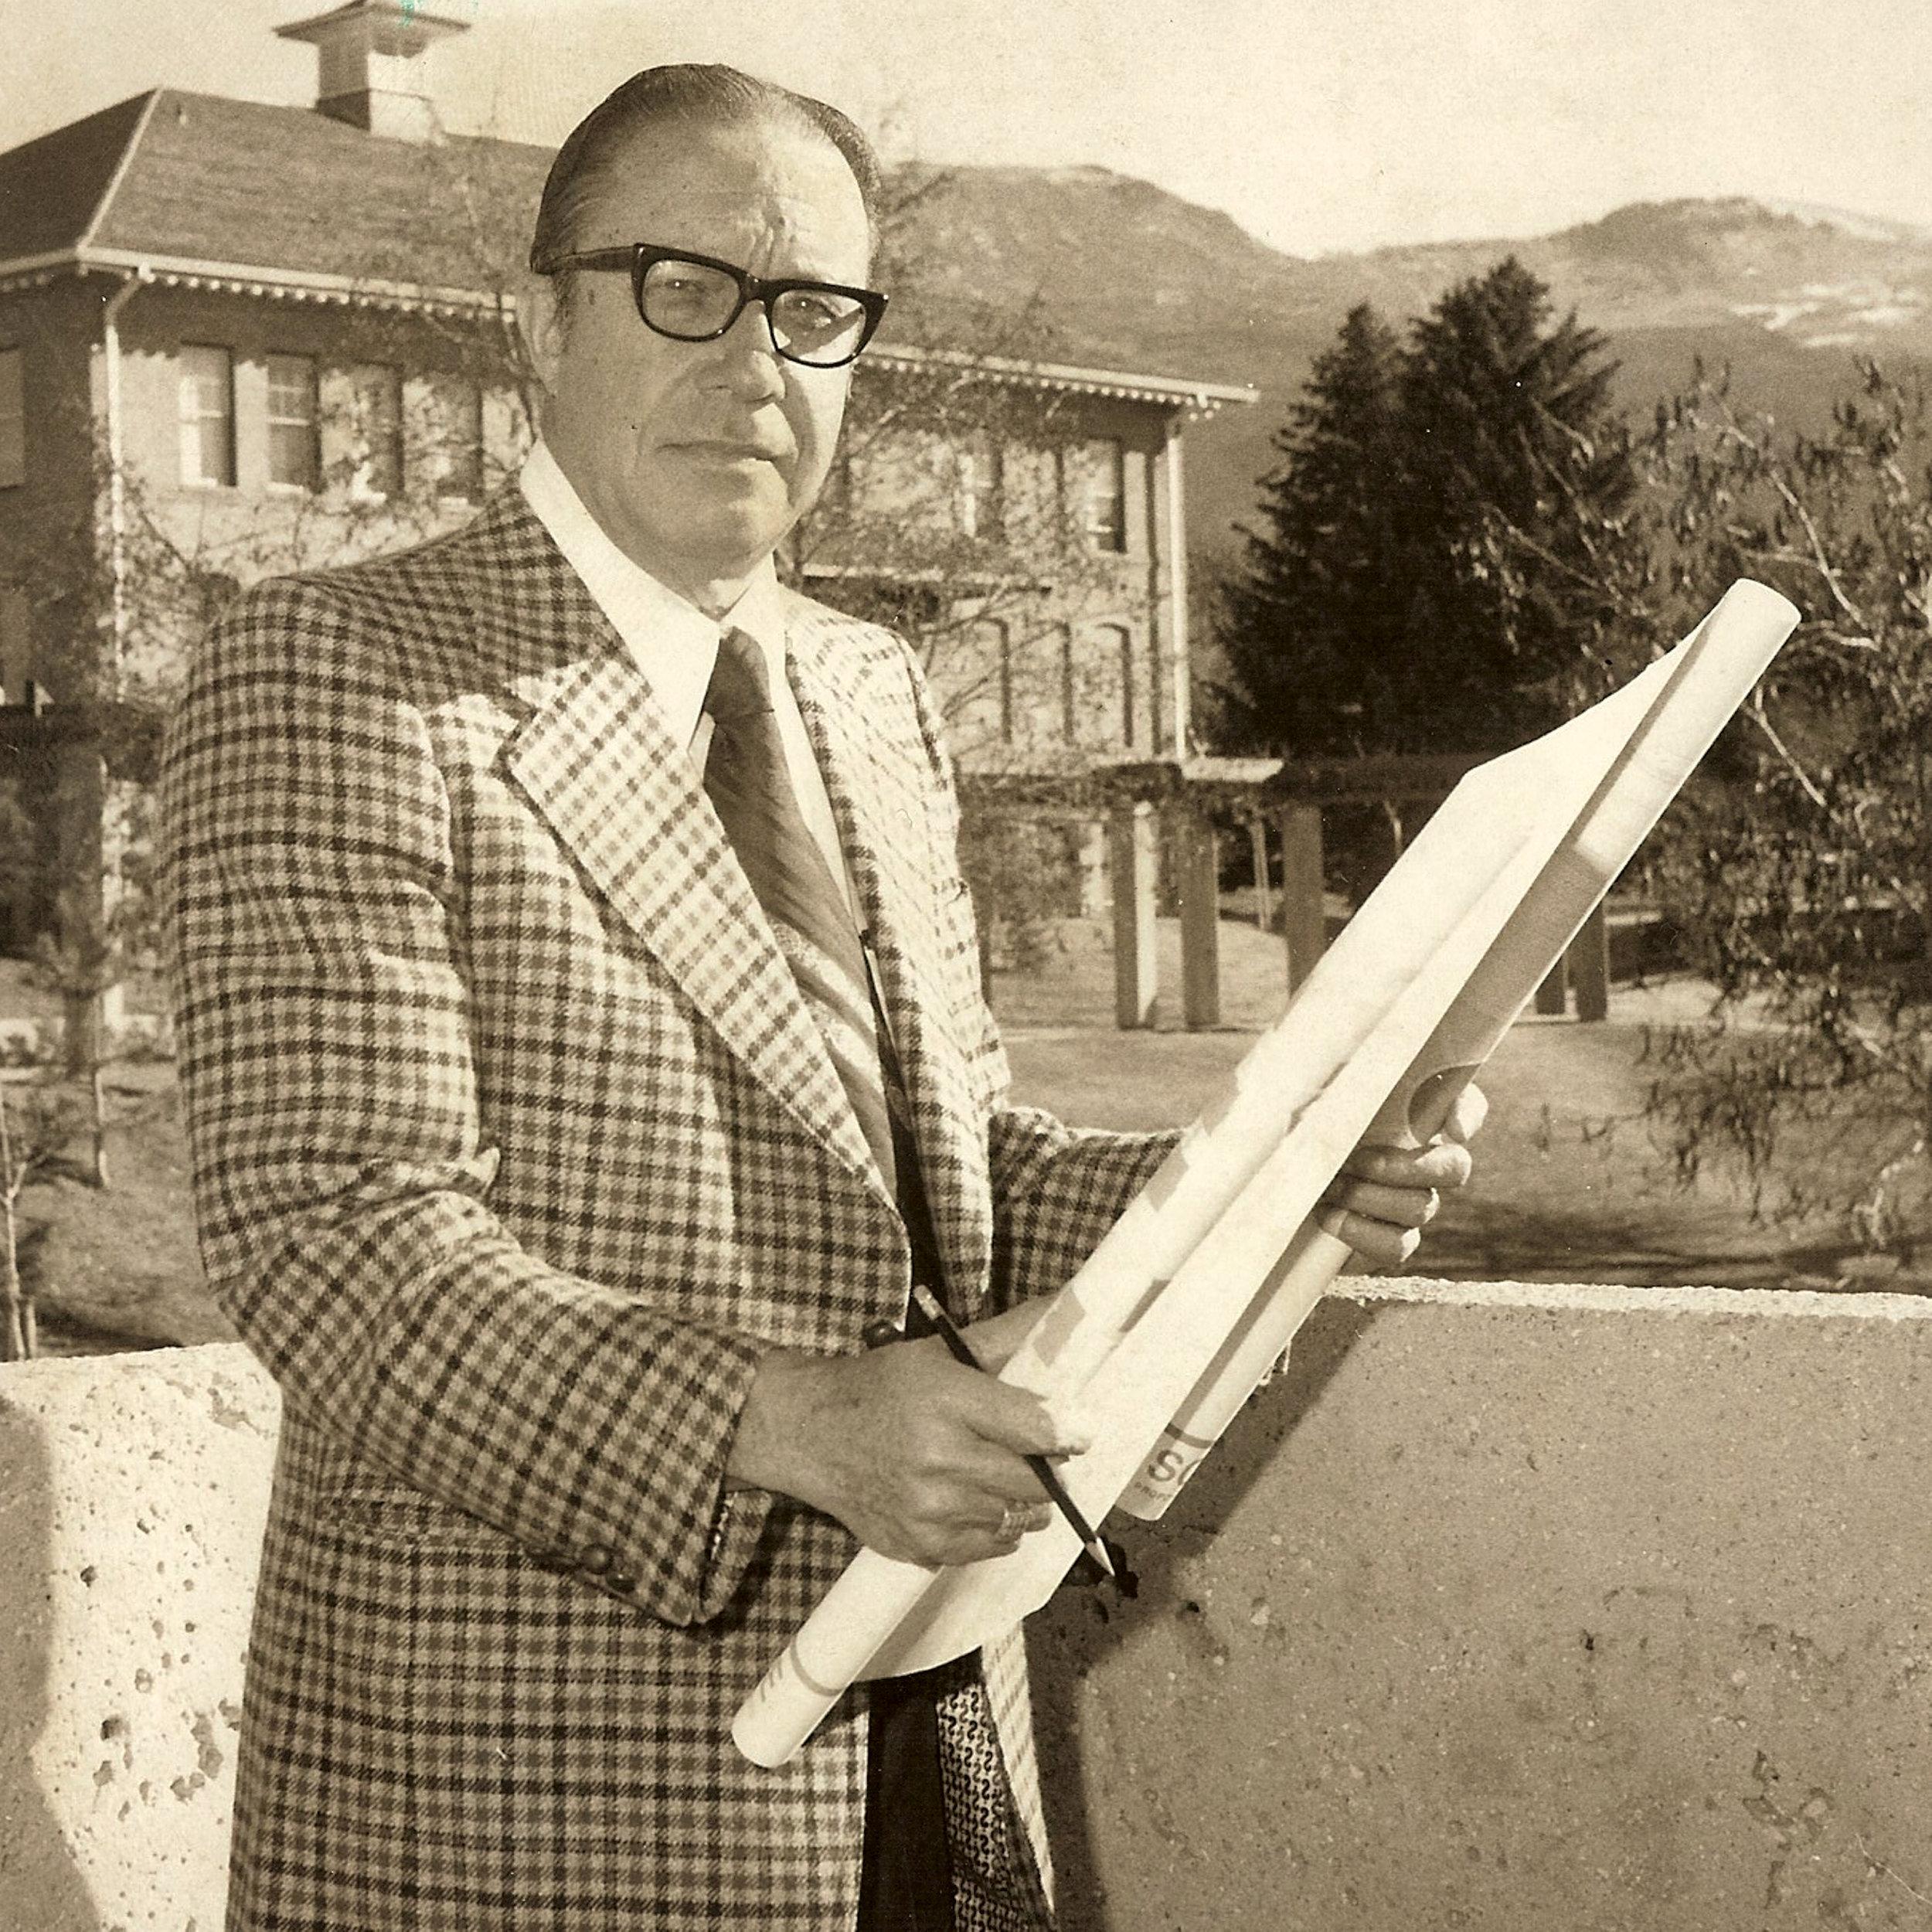 Royden C. Braithwaite, 1976